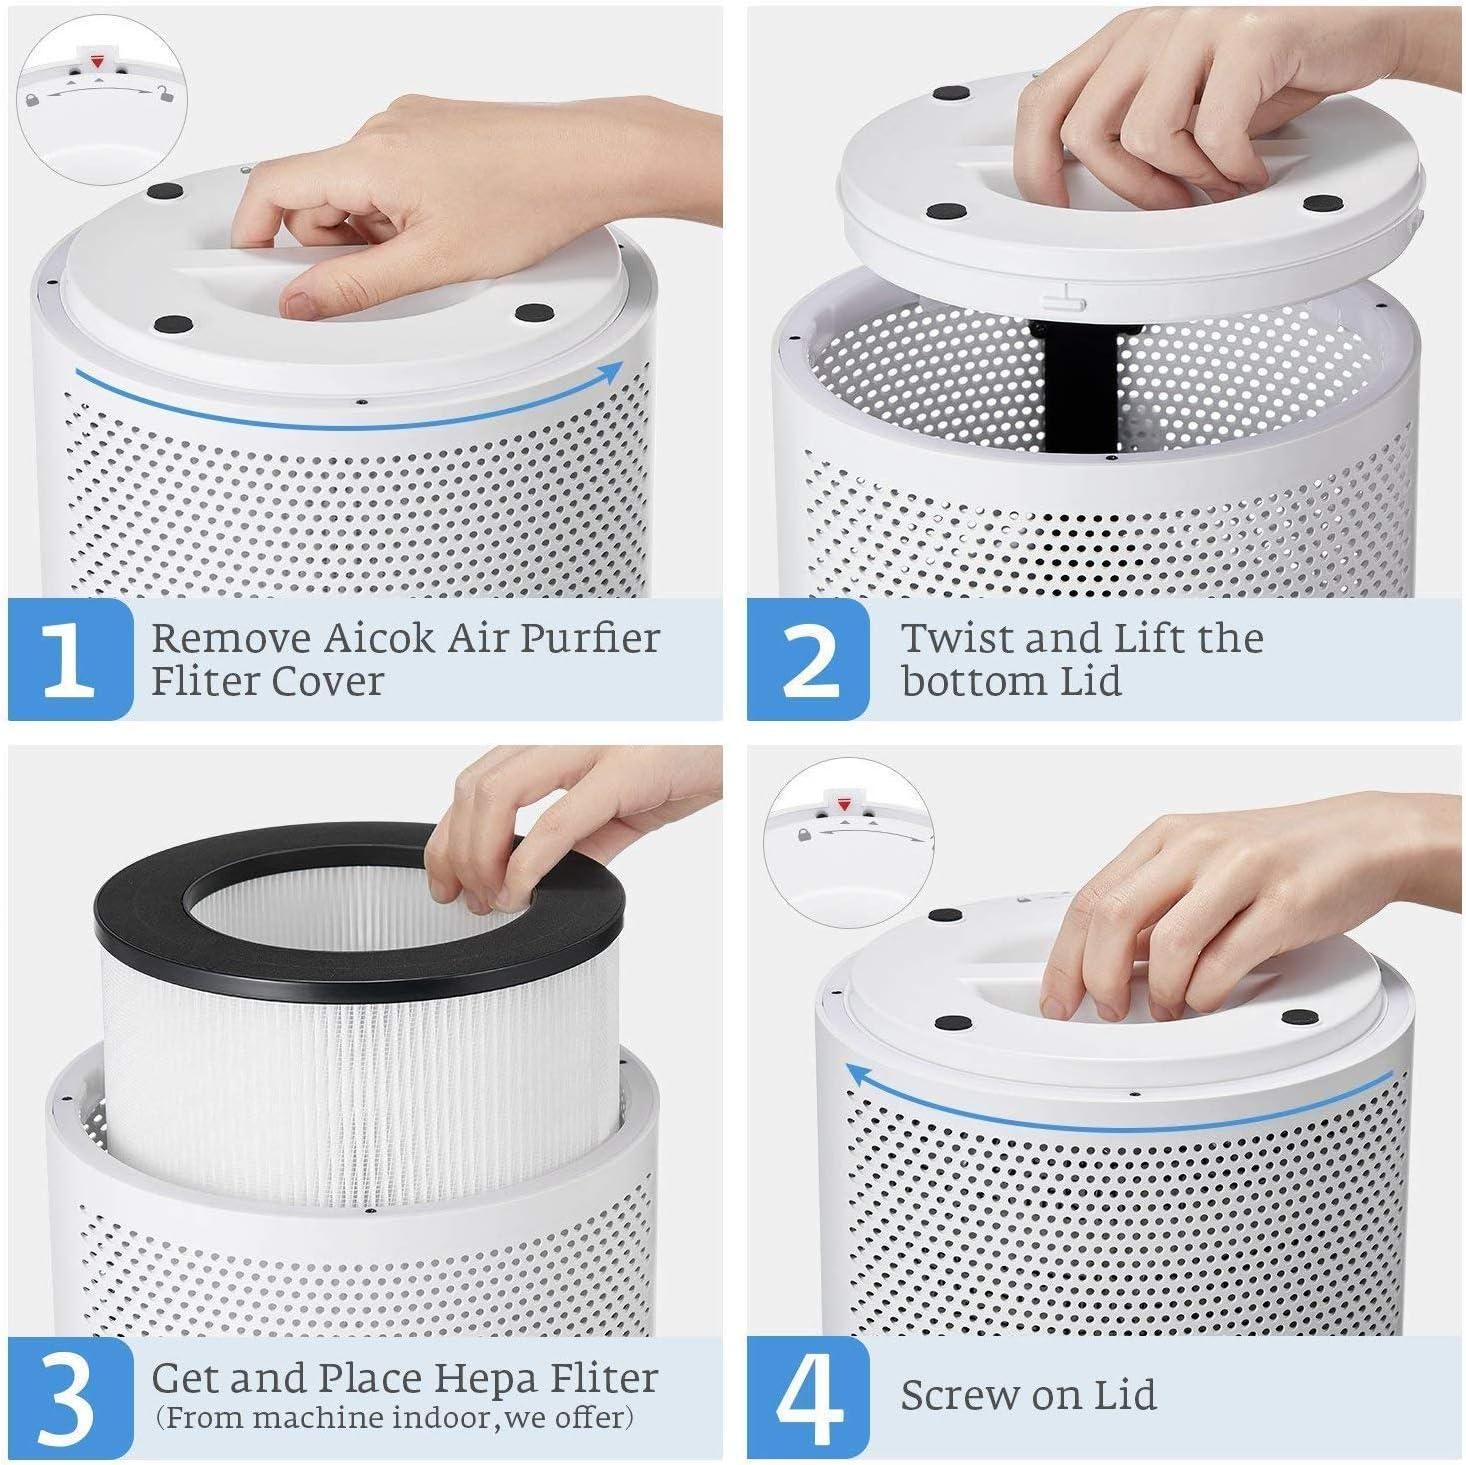 AICOK purificador de aire para el hogar fumadores y pelo de mascotas, verdadero filtro HEPA, silencioso en el dormitorio, sistema de filtración limpiador, eliminador de humo y polvo, luz nocturna, 2 años